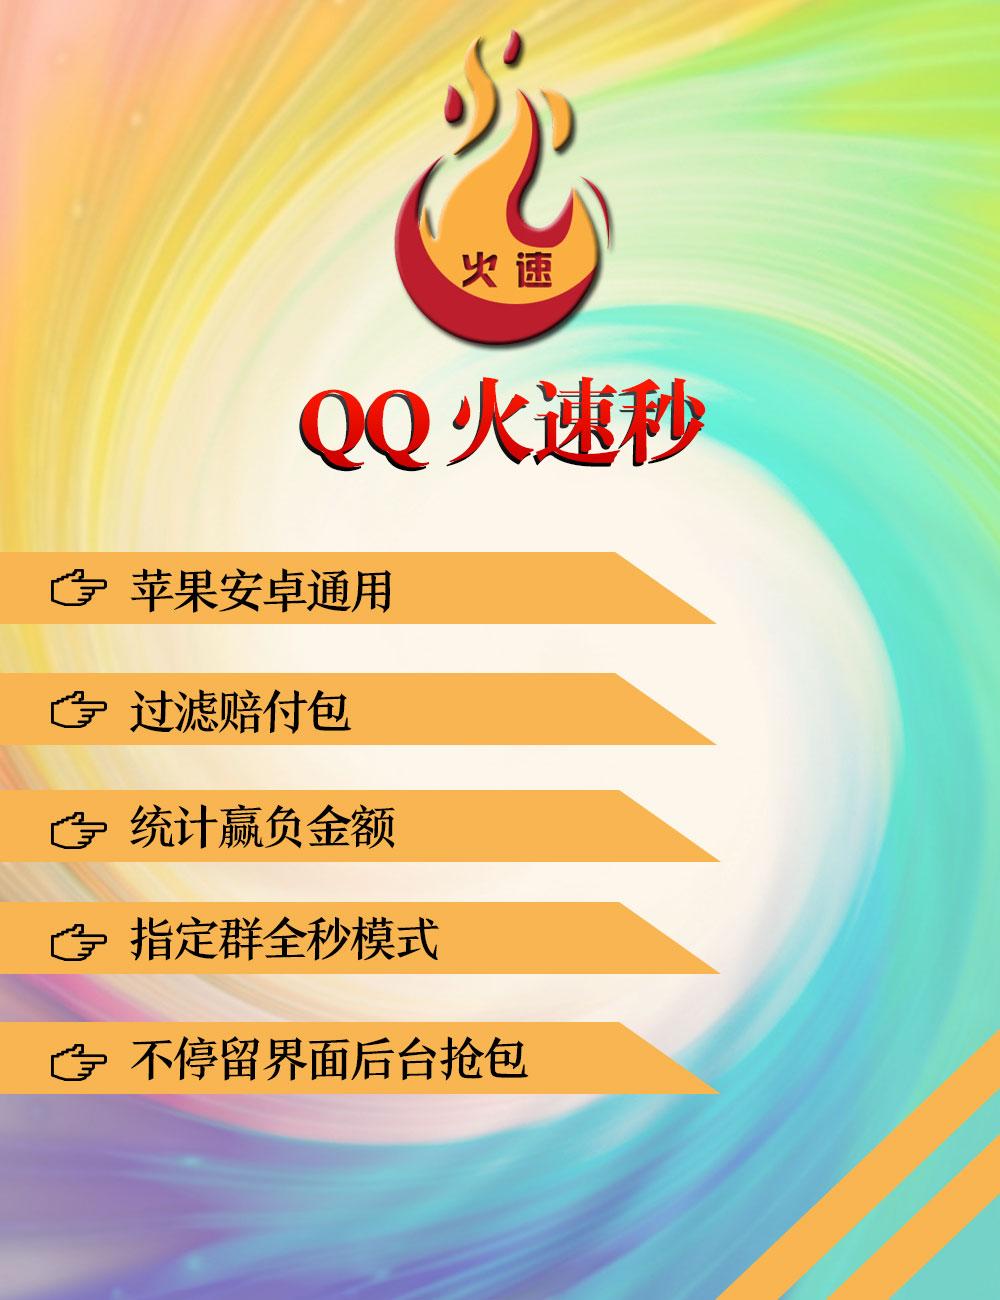 【QQ火速秒】永久卡苹果安卓通用一开关联8个号QQ秒抢红包 加QQ1731232333人工购买此产品